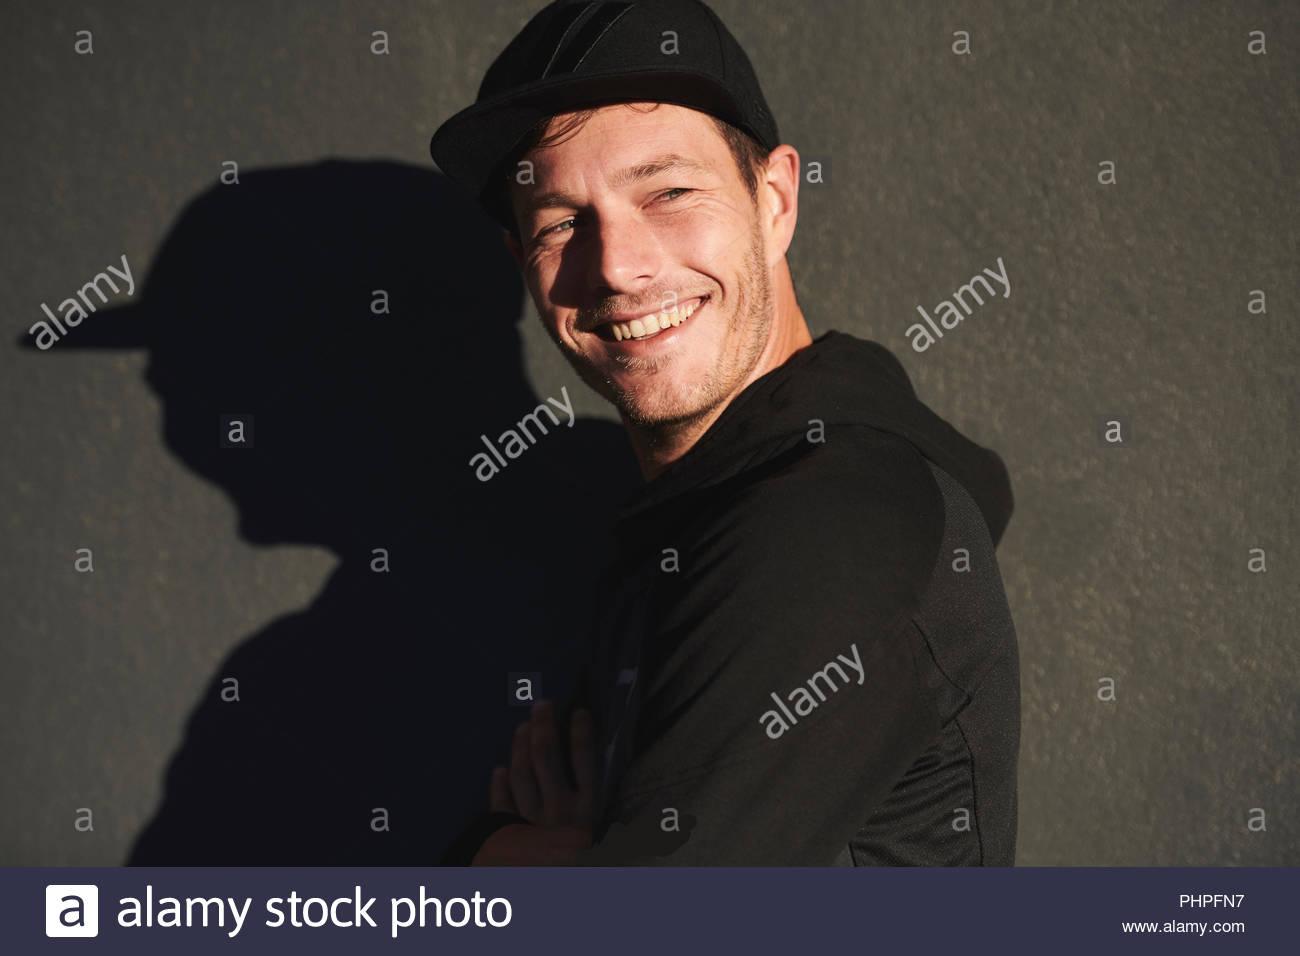 Portrait of man wearing baseball cap smiling - Stock Image